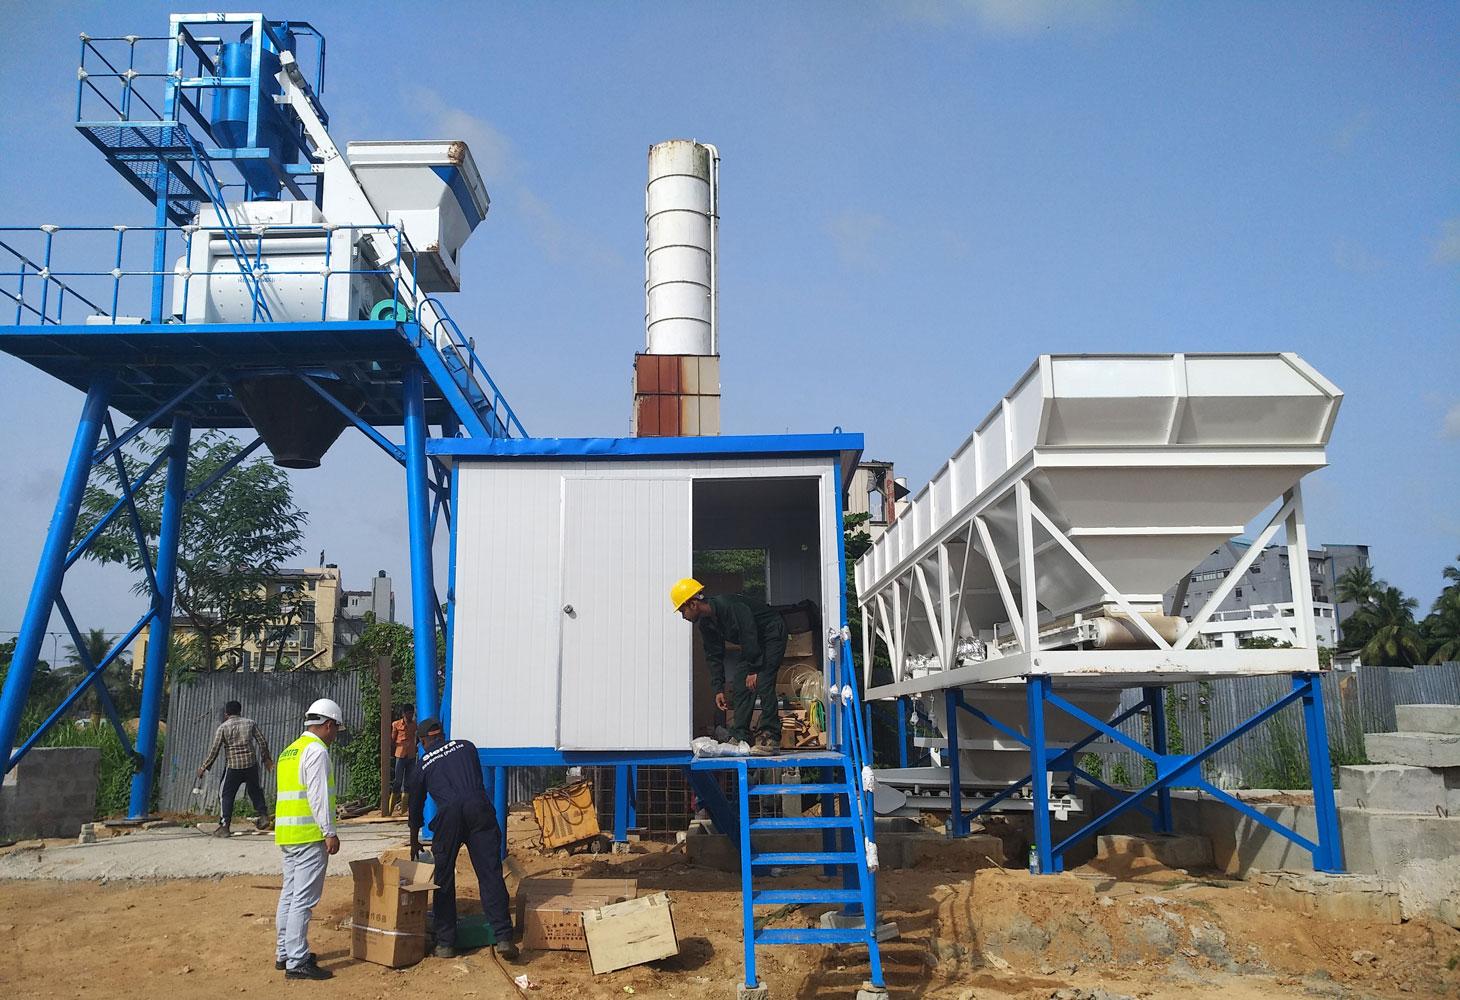 AJ-50 small concrete plant installed in Sri Lanka